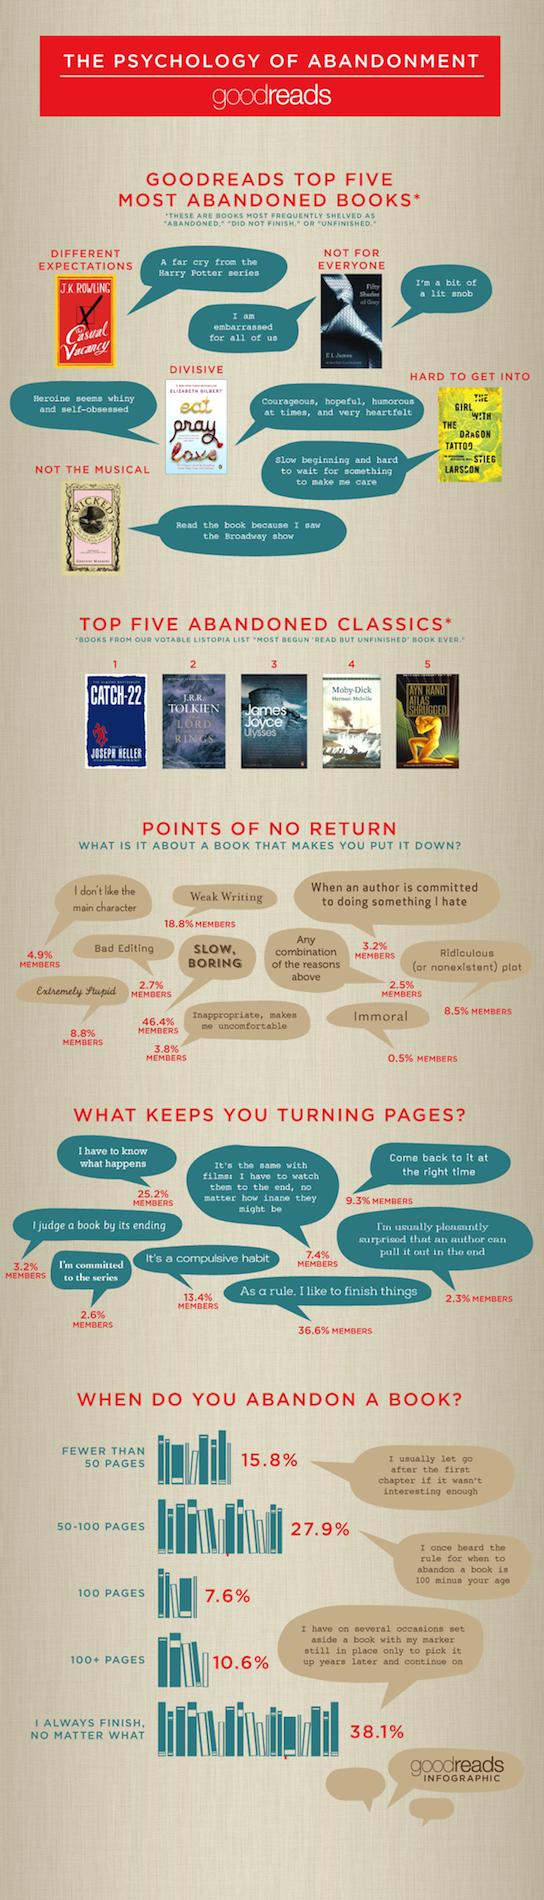 La psicología del abandono de un libro Goodreads-to-5-most-abandoned-books-infographic